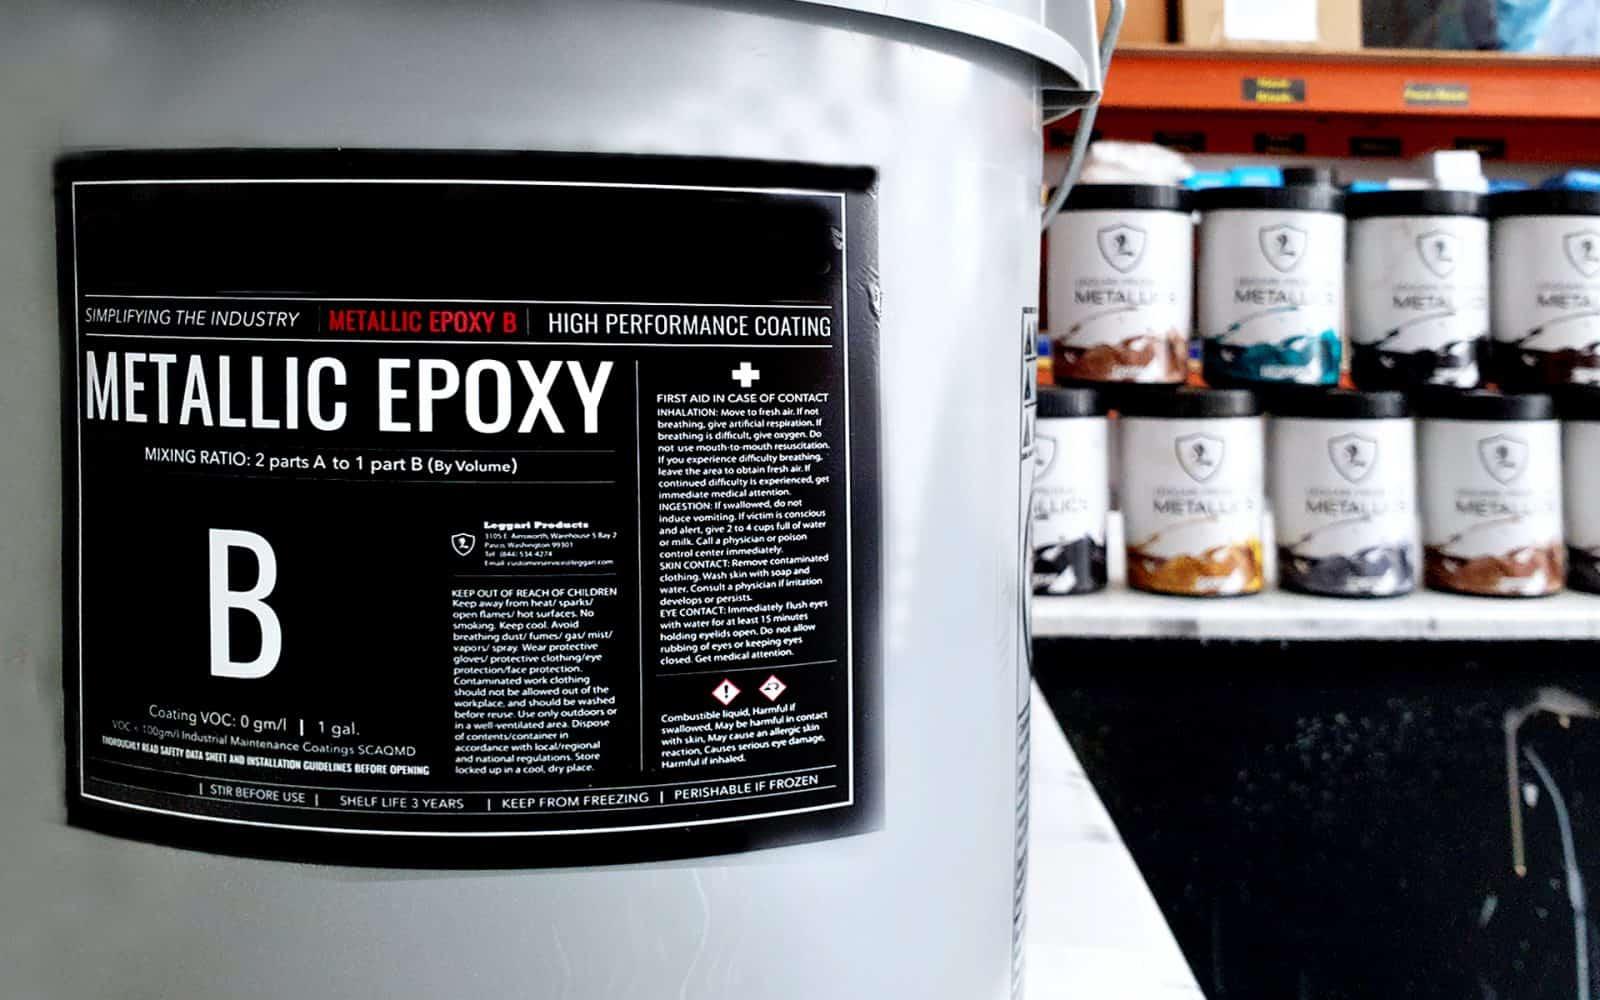 Benefits of Metallic Epoxy